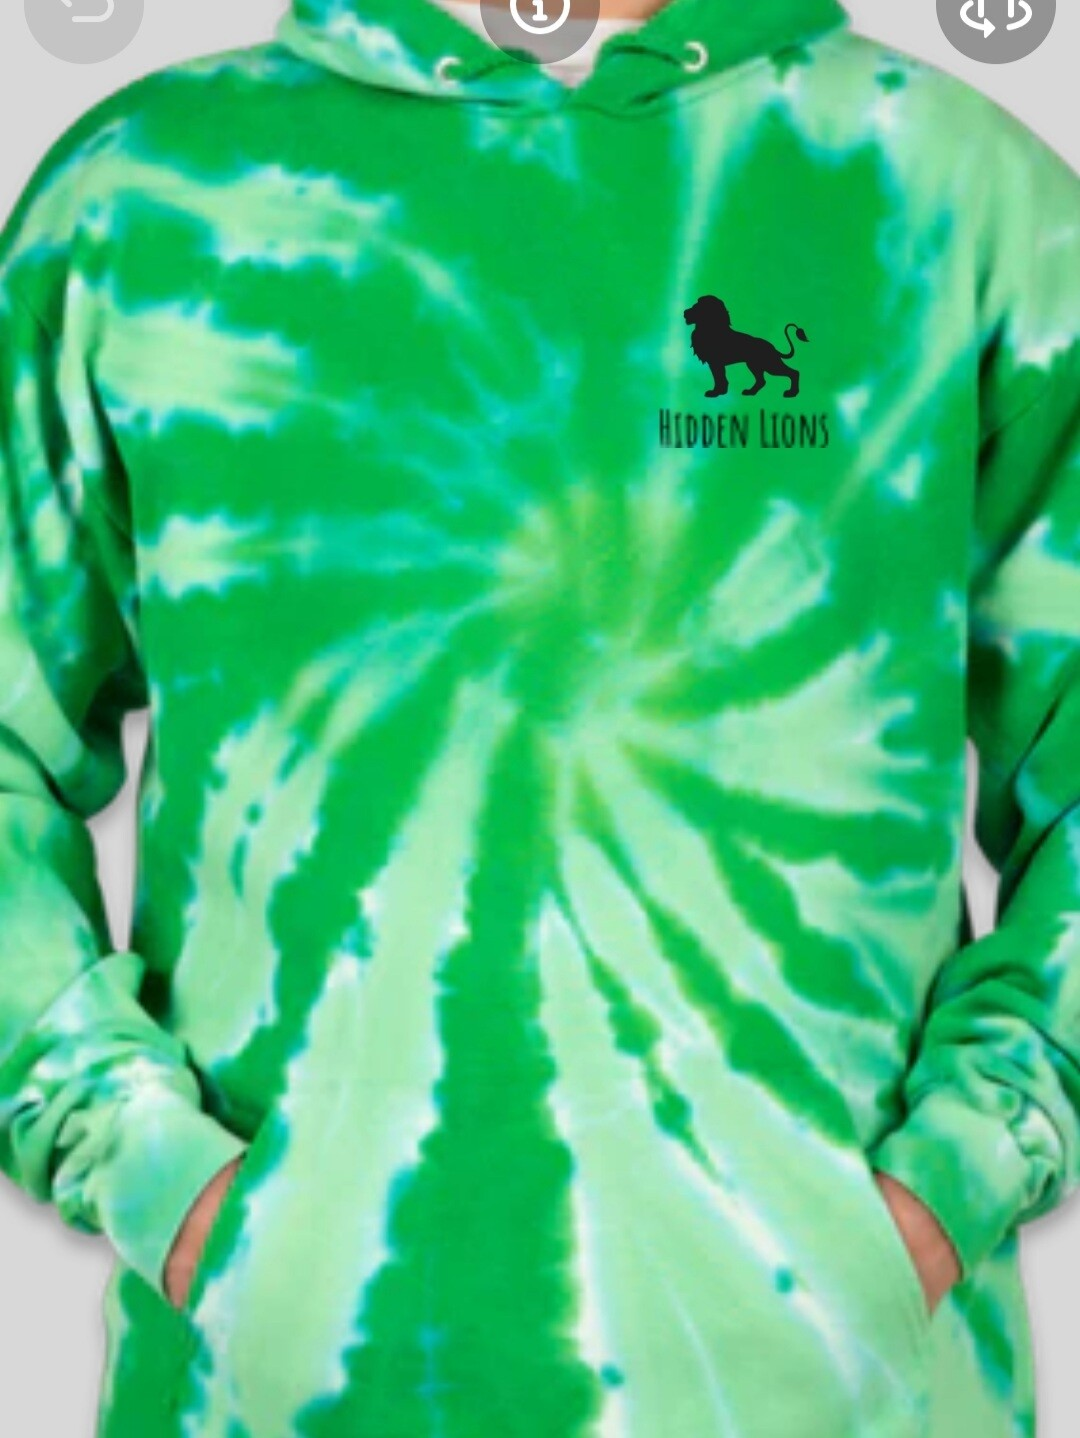 *Coming Soon* Hoodie Green Tie Dye - Back Sketched